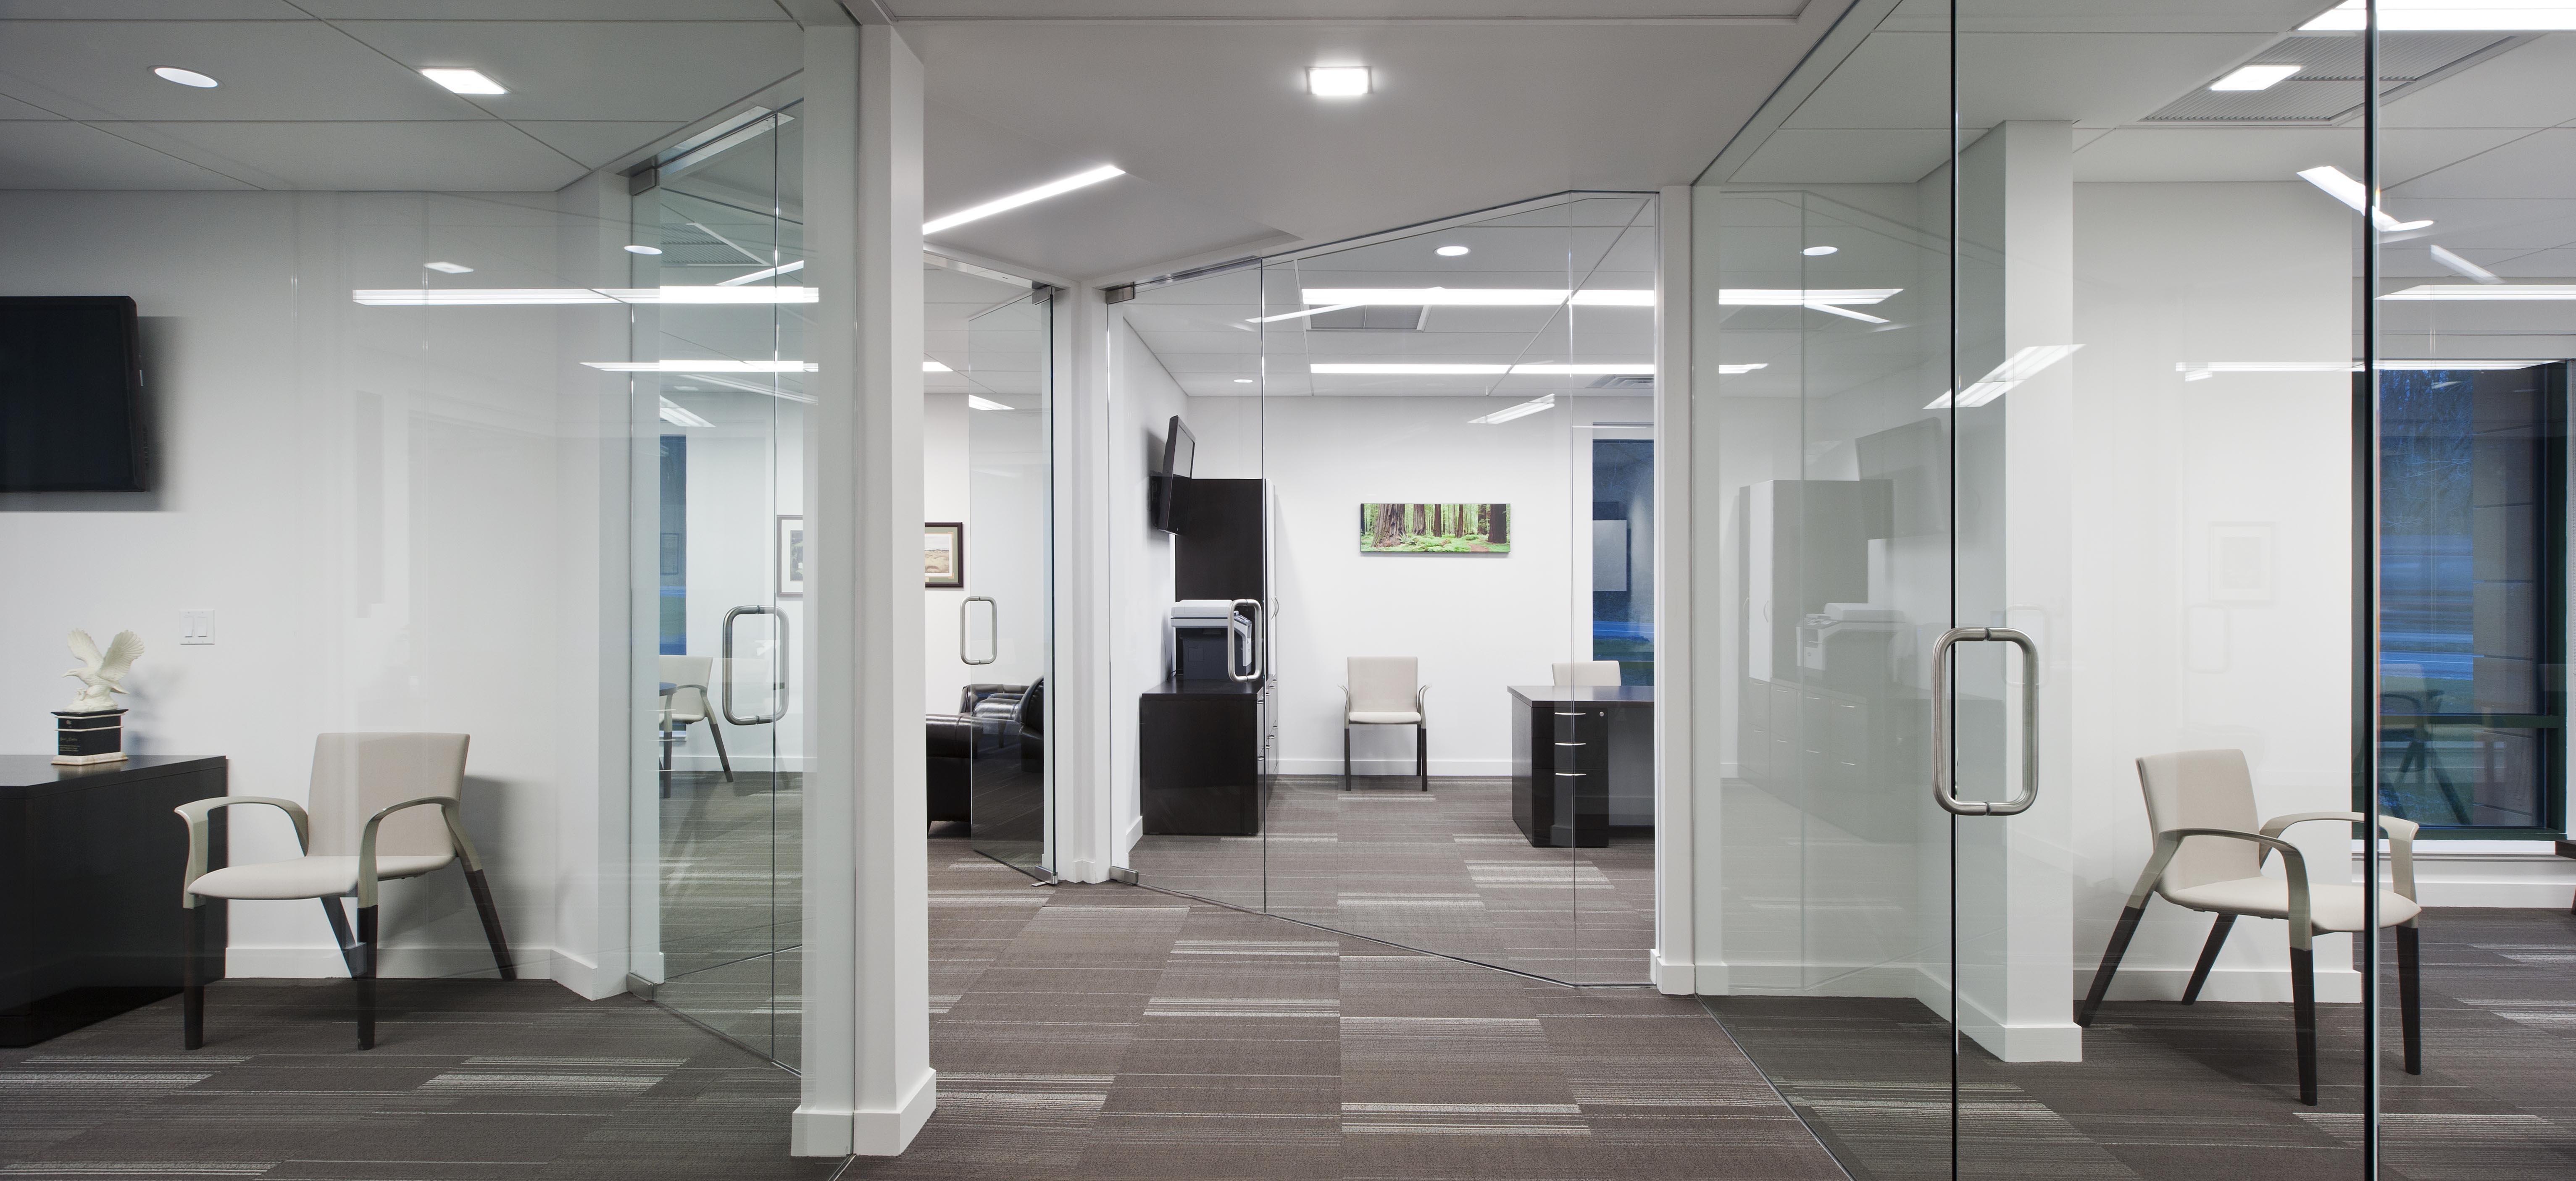 serfass office